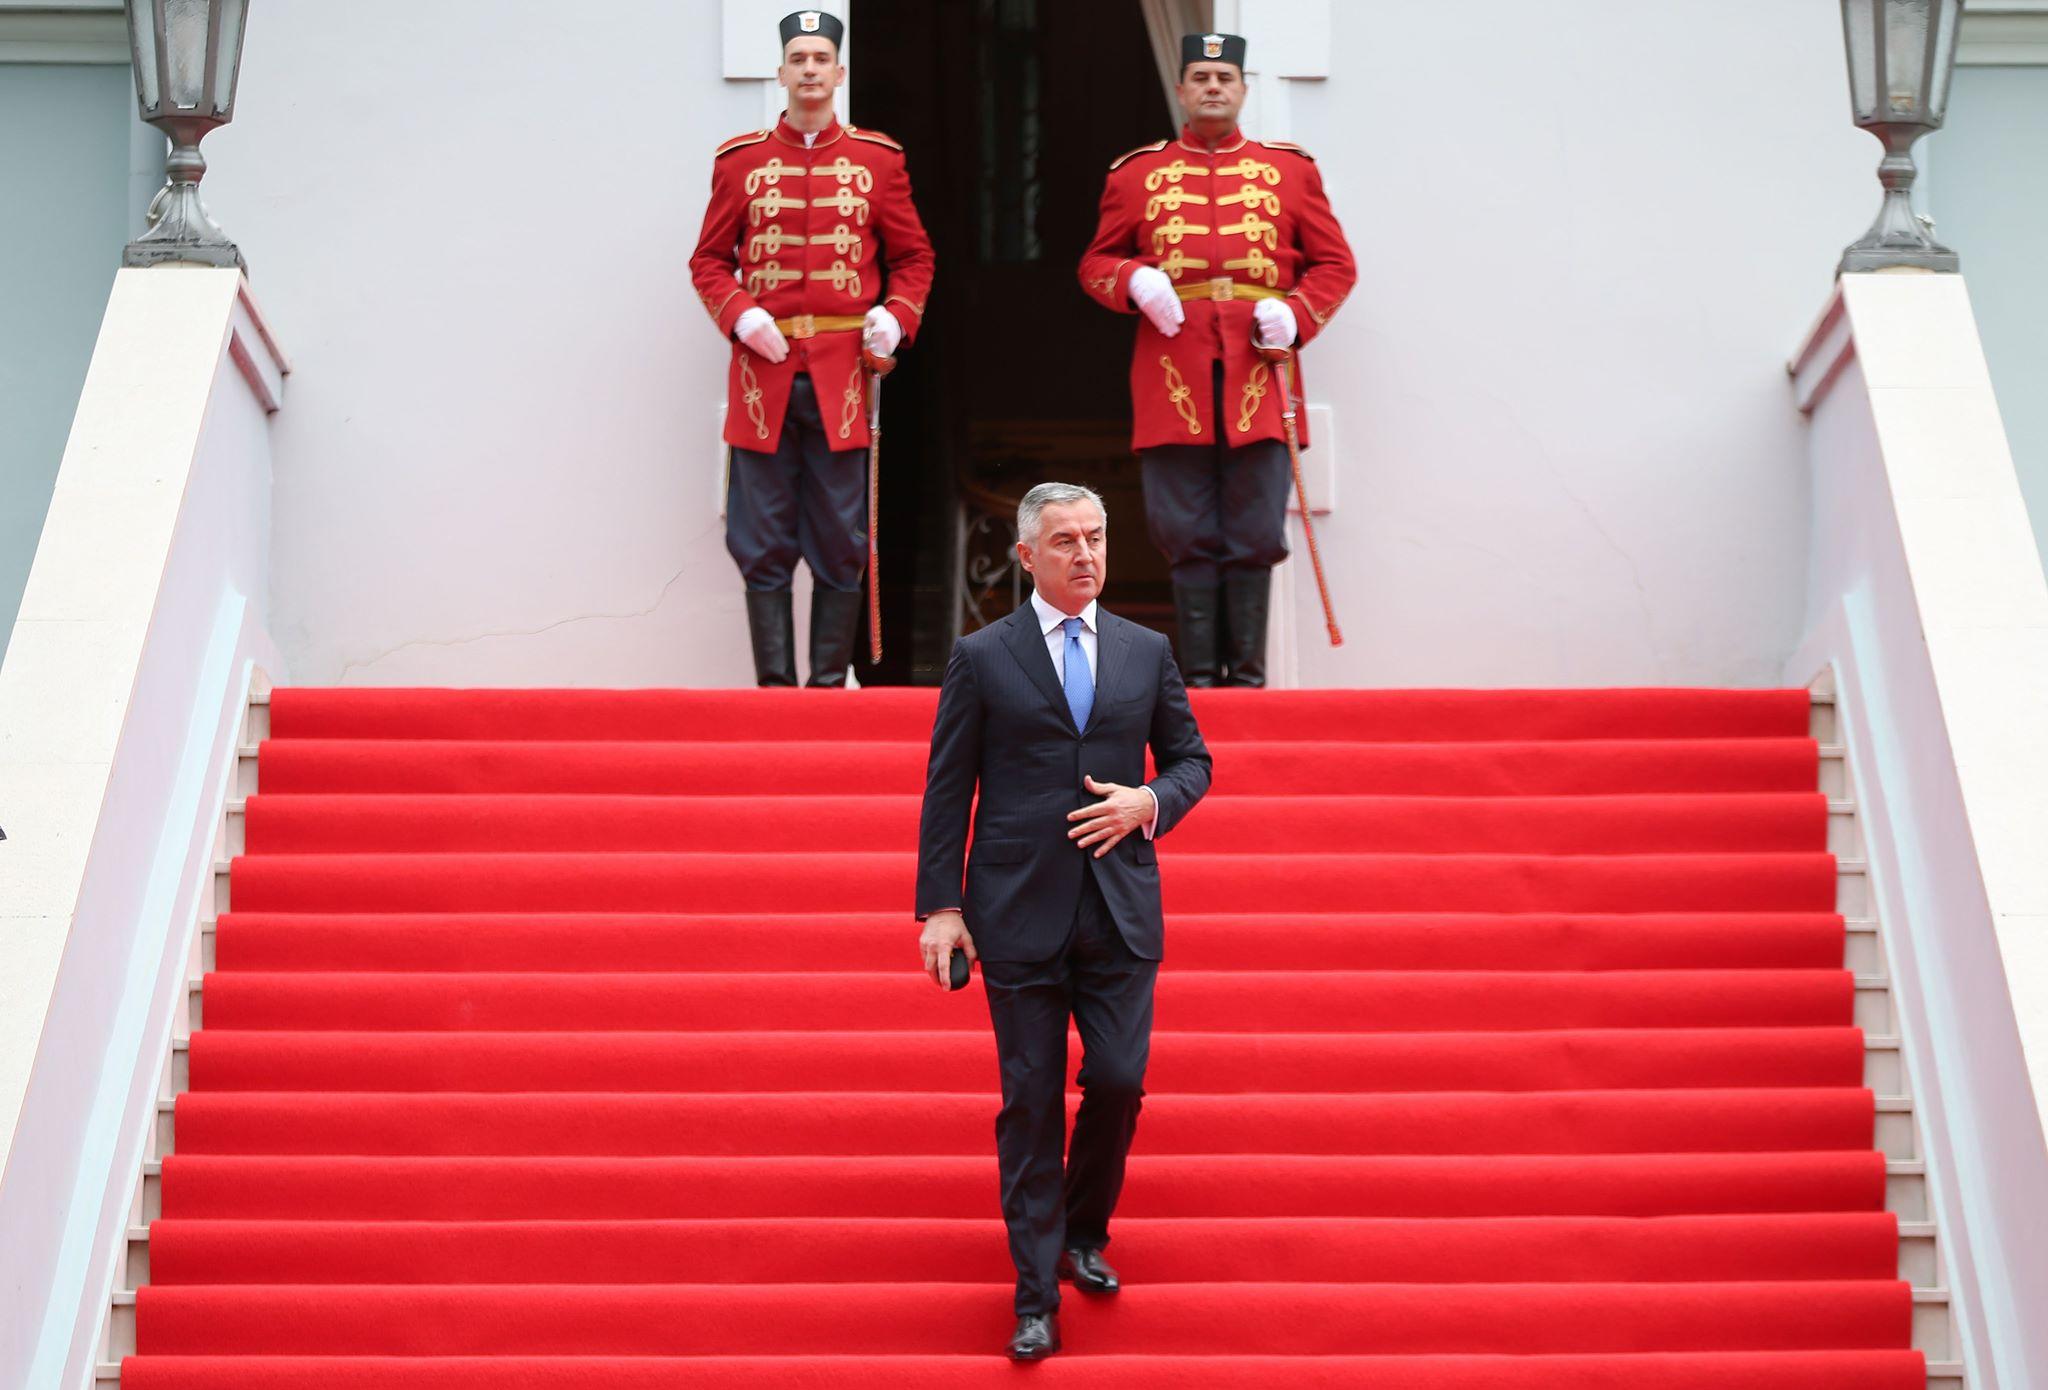 Μαυροβούνιο: «Κανείς δεν κυβερνά επί του Μαυροβουνίου», δήλωσε ο Πρόεδρος Đukanović